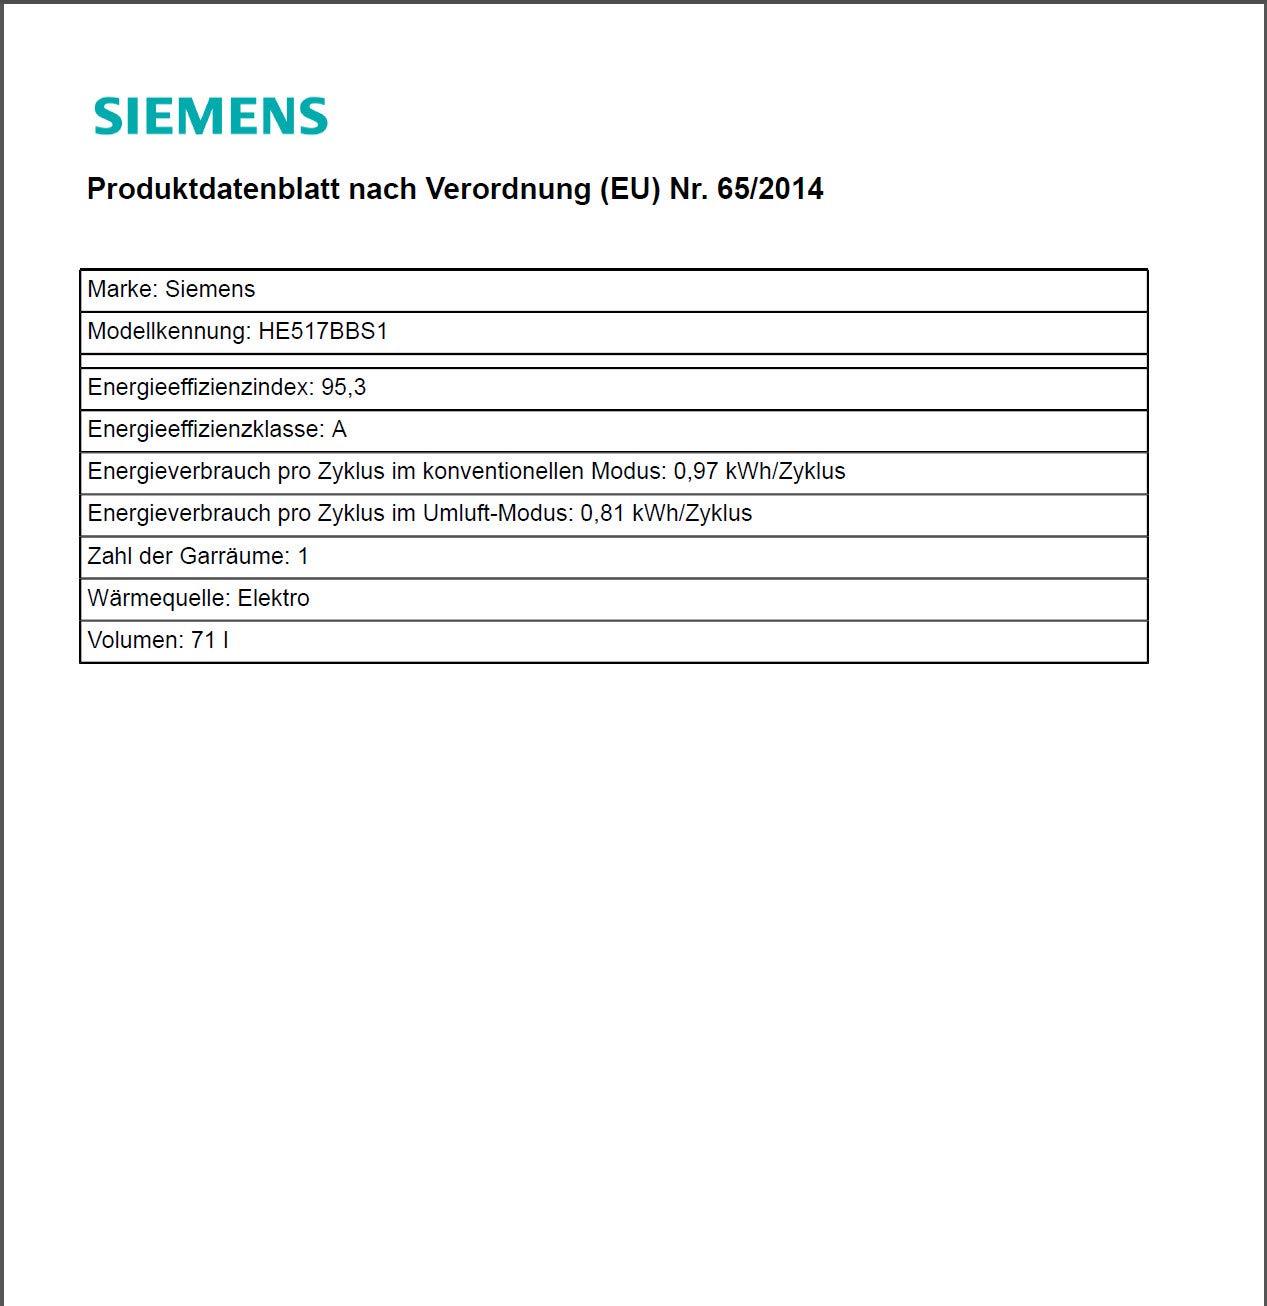 Siemens iQ500 Einbau-Elektro-Backofen mit Induktionskochfeld Kombination EQ521IB00 Edelstahl cookControl 10 Automatikprogramme Schnellaufheizung Br/äterzone Backwagen